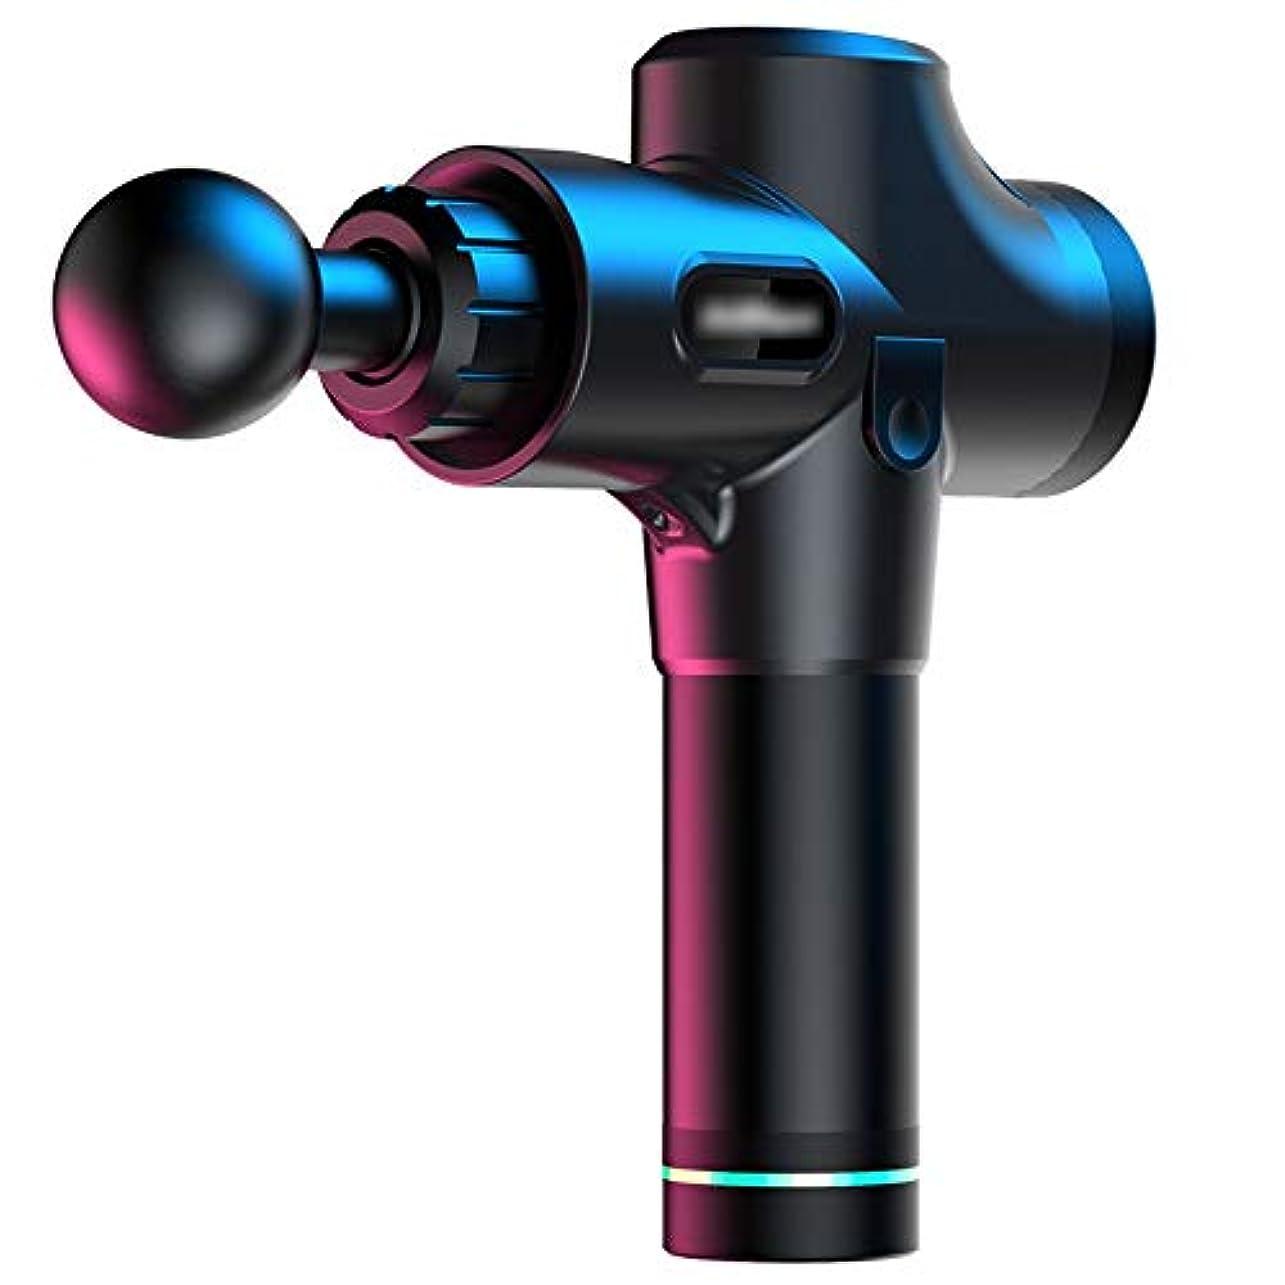 桃池めるマッサージガン 筋膜リリース器 筋肉マッサージフィットネス筋肉リラクサー感電ディープ振動筋膜ガン4マッサージヘッド付き 全身用 (Color : Black, Size : 238X258mm)